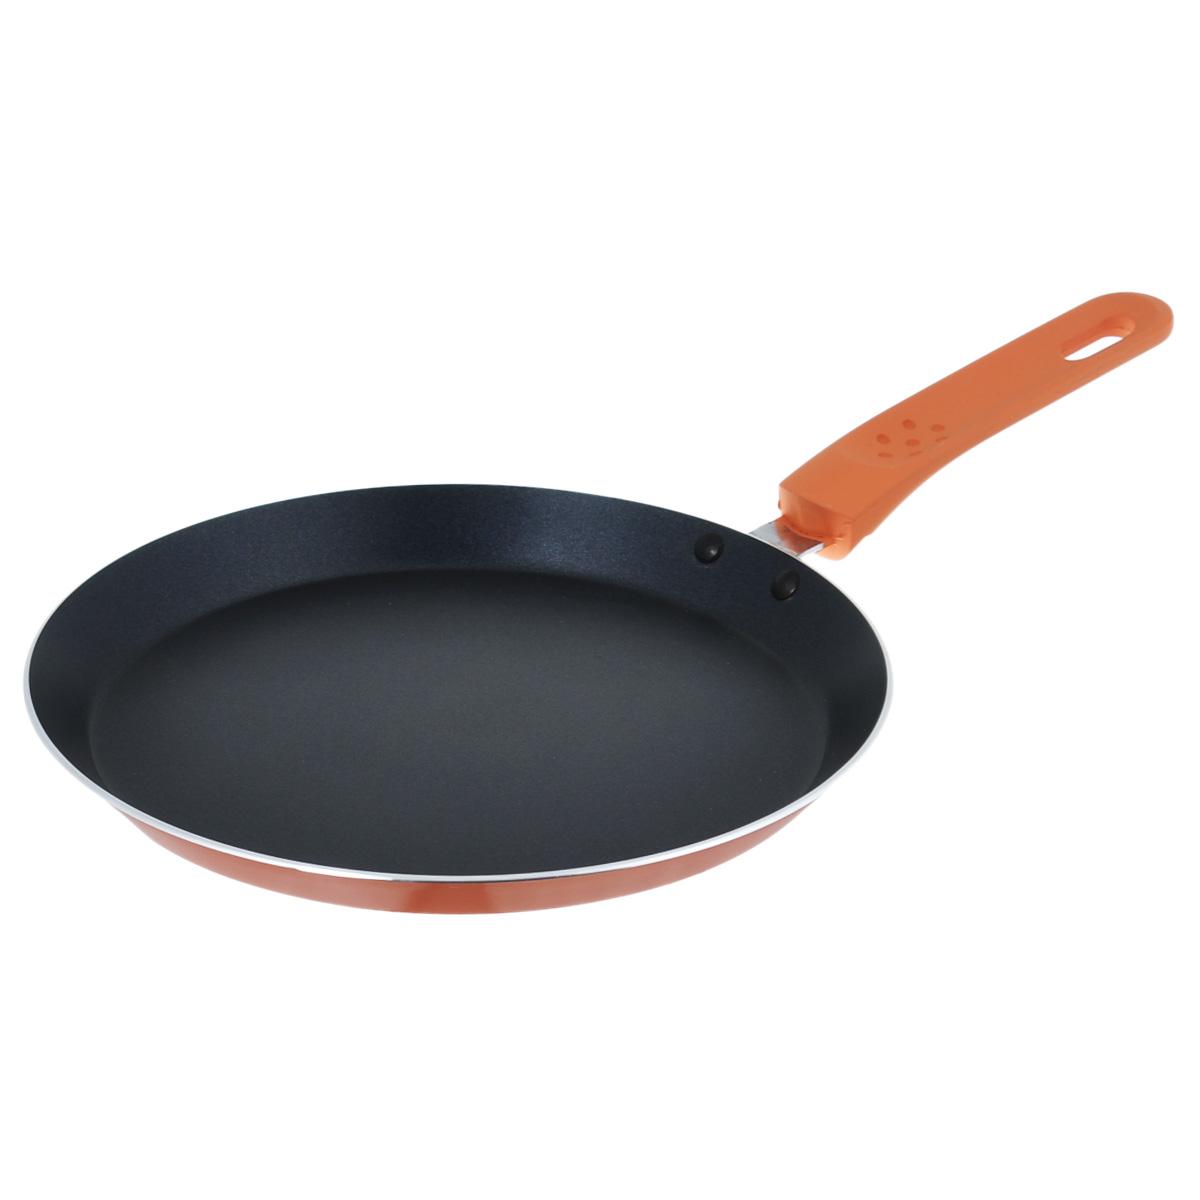 Сковорода блинная Bekker Koch, с антипригарным покрытием, цвет: оранжевый. Диаметр 24 см. BK-3741BK-3741Сковорода Bekker Koch изготовлена из алюминия с внутренним антипригарным покрытием Xylan Plus. Благодаря этому пища не пригорает и не прилипает к стенкам. Готовить можно с минимальным количеством масла и жиров. Такая сковорода идеально подойдет для жарки блинов и оладьев. Гладкая поверхность обеспечивает легкость ухода за посудой. Изделие оснащено удобной бакелитовой ручкой с прорезиненным покрытием, которая не нагревается в процессе приготовления пищи. Сковорода подходит для использования на газовых, стеклокерамических и электрических плитах. Не подходит для индукционных плит. Можно мыть в посудомоечной машине. Диаметр: 24 см. Высота стенки: 2 см. Толщина стенки: 2,5 мм. Толщина дна: 3 мм. Длина ручки: 16,5 см.